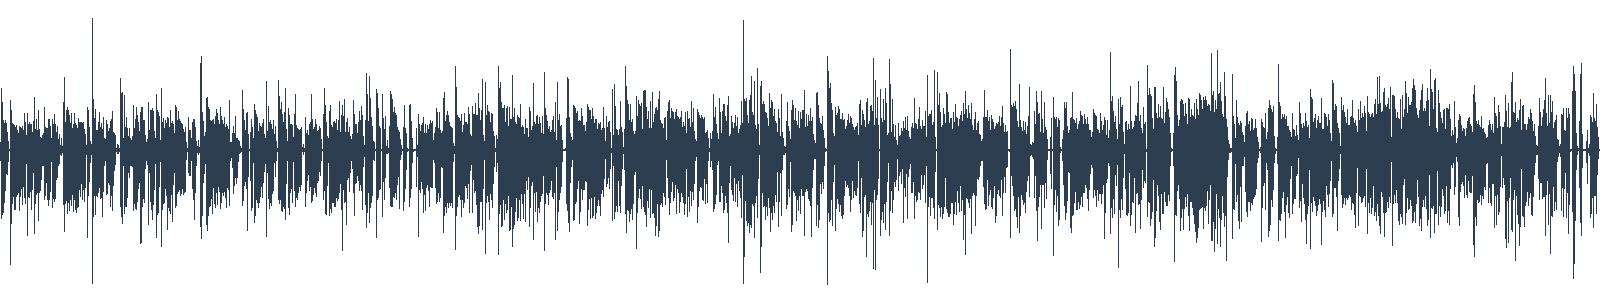 Niečo sa stalo waveform